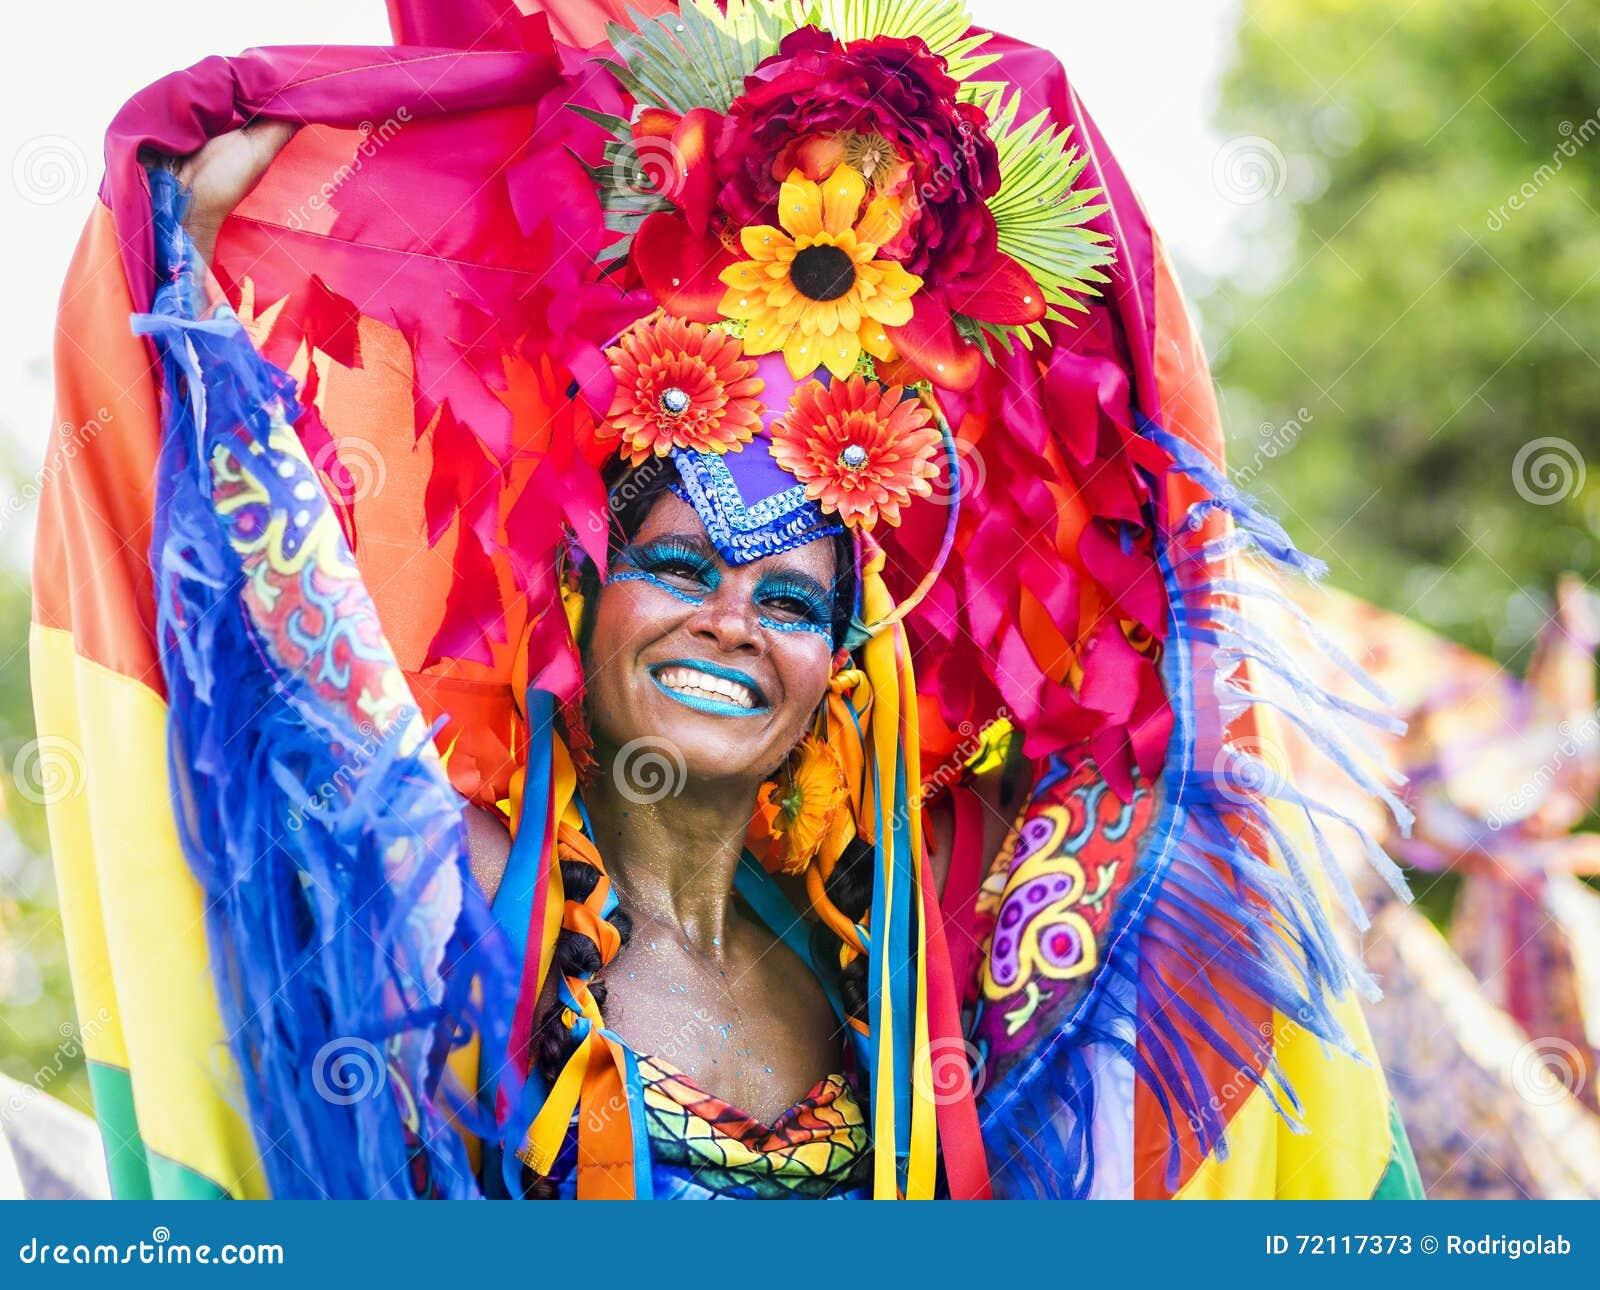 Brazilian Woman in Rio Carnaval, Rio de Janeiro, Brazil Editorial Stock Photo